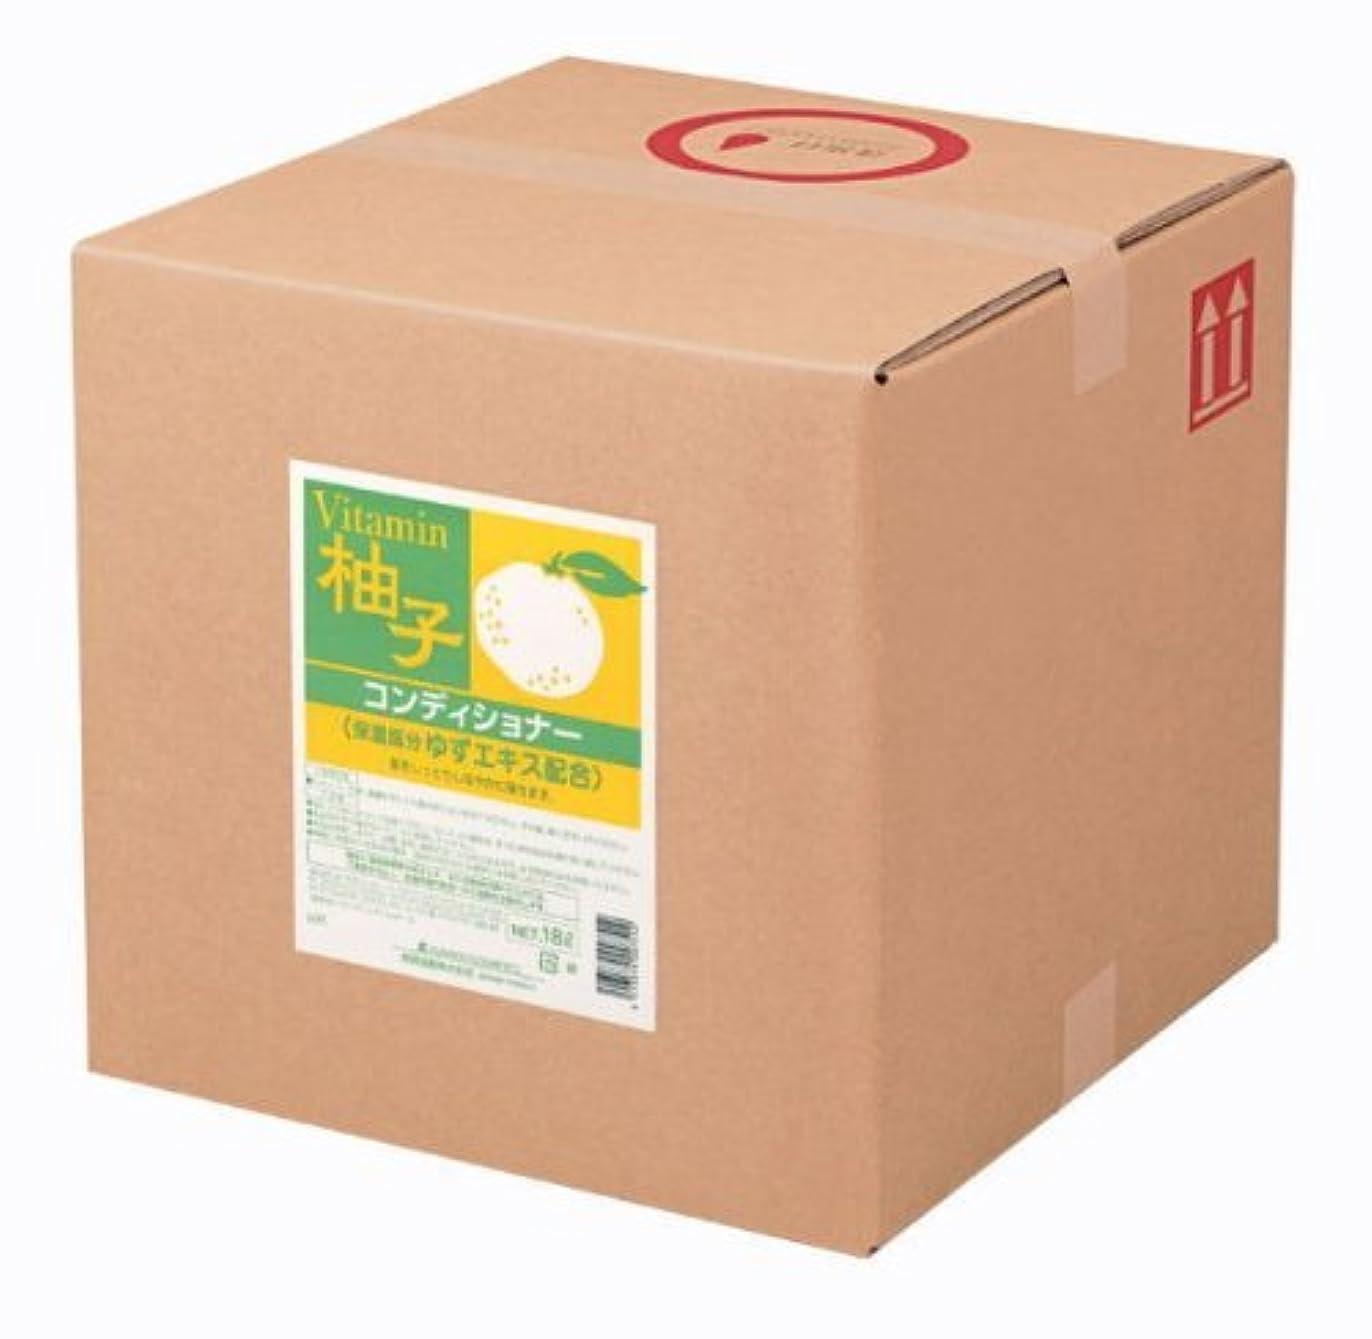 おかしい支援病な熊野油脂 業務用 柚子 コンディショナー 18L